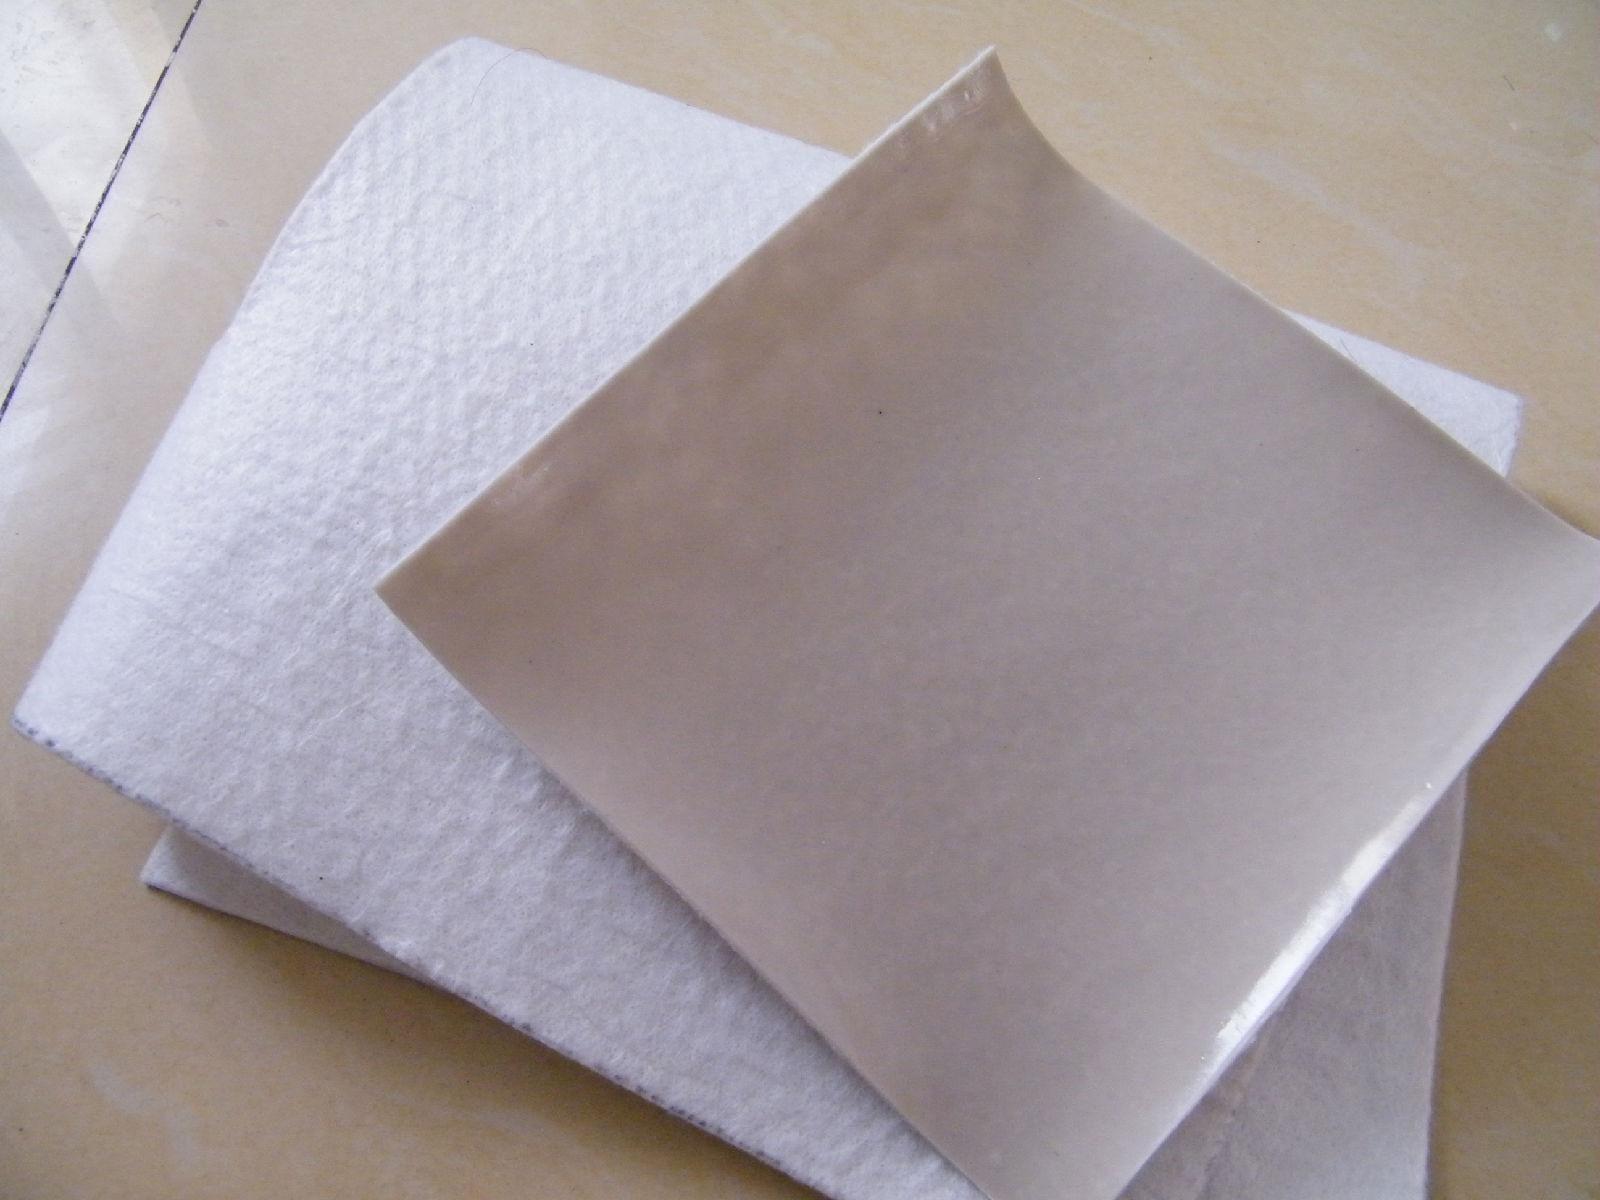 土工膜在安装和展开前应怎样防止损坏?